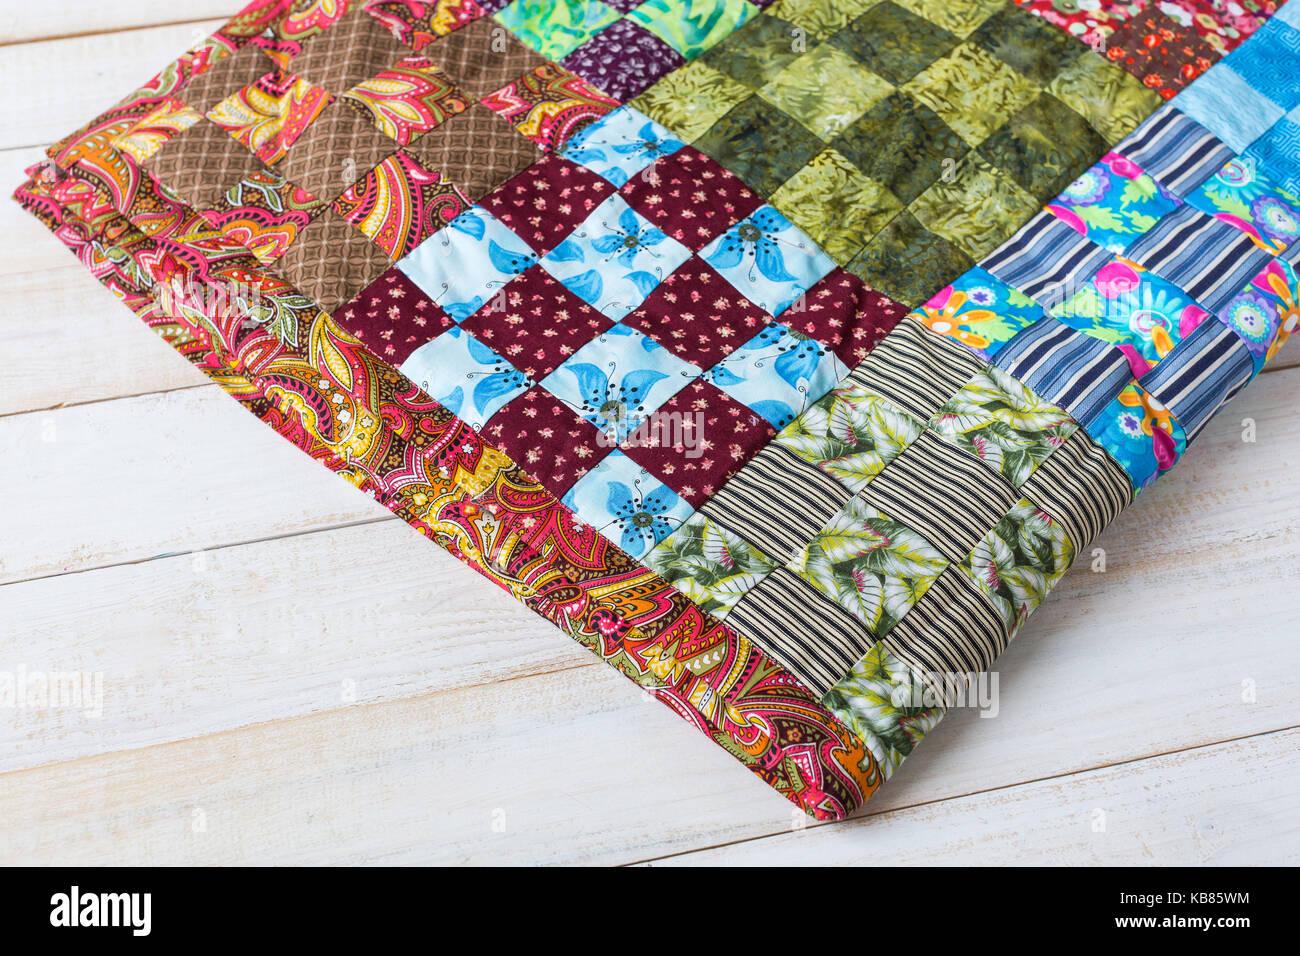 How to make patchwork applique alejandra s quilt studio